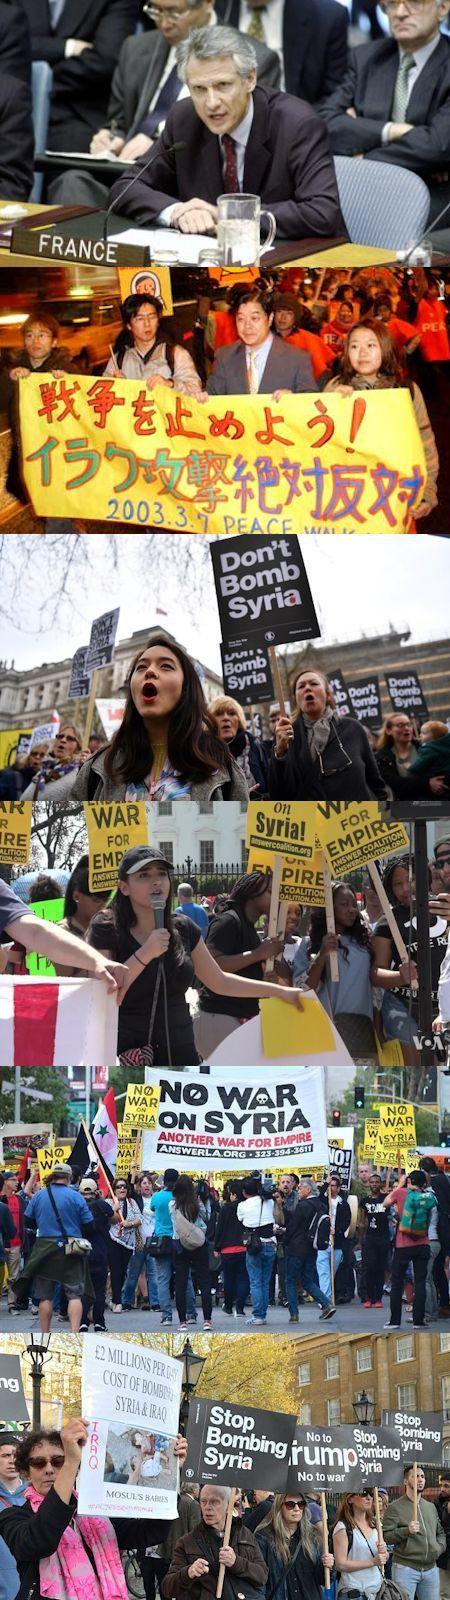 シリアの「化学兵器」とイラクの「大量破壊兵器」は同じだ - 四つの動機_c0315619_17555064.jpg